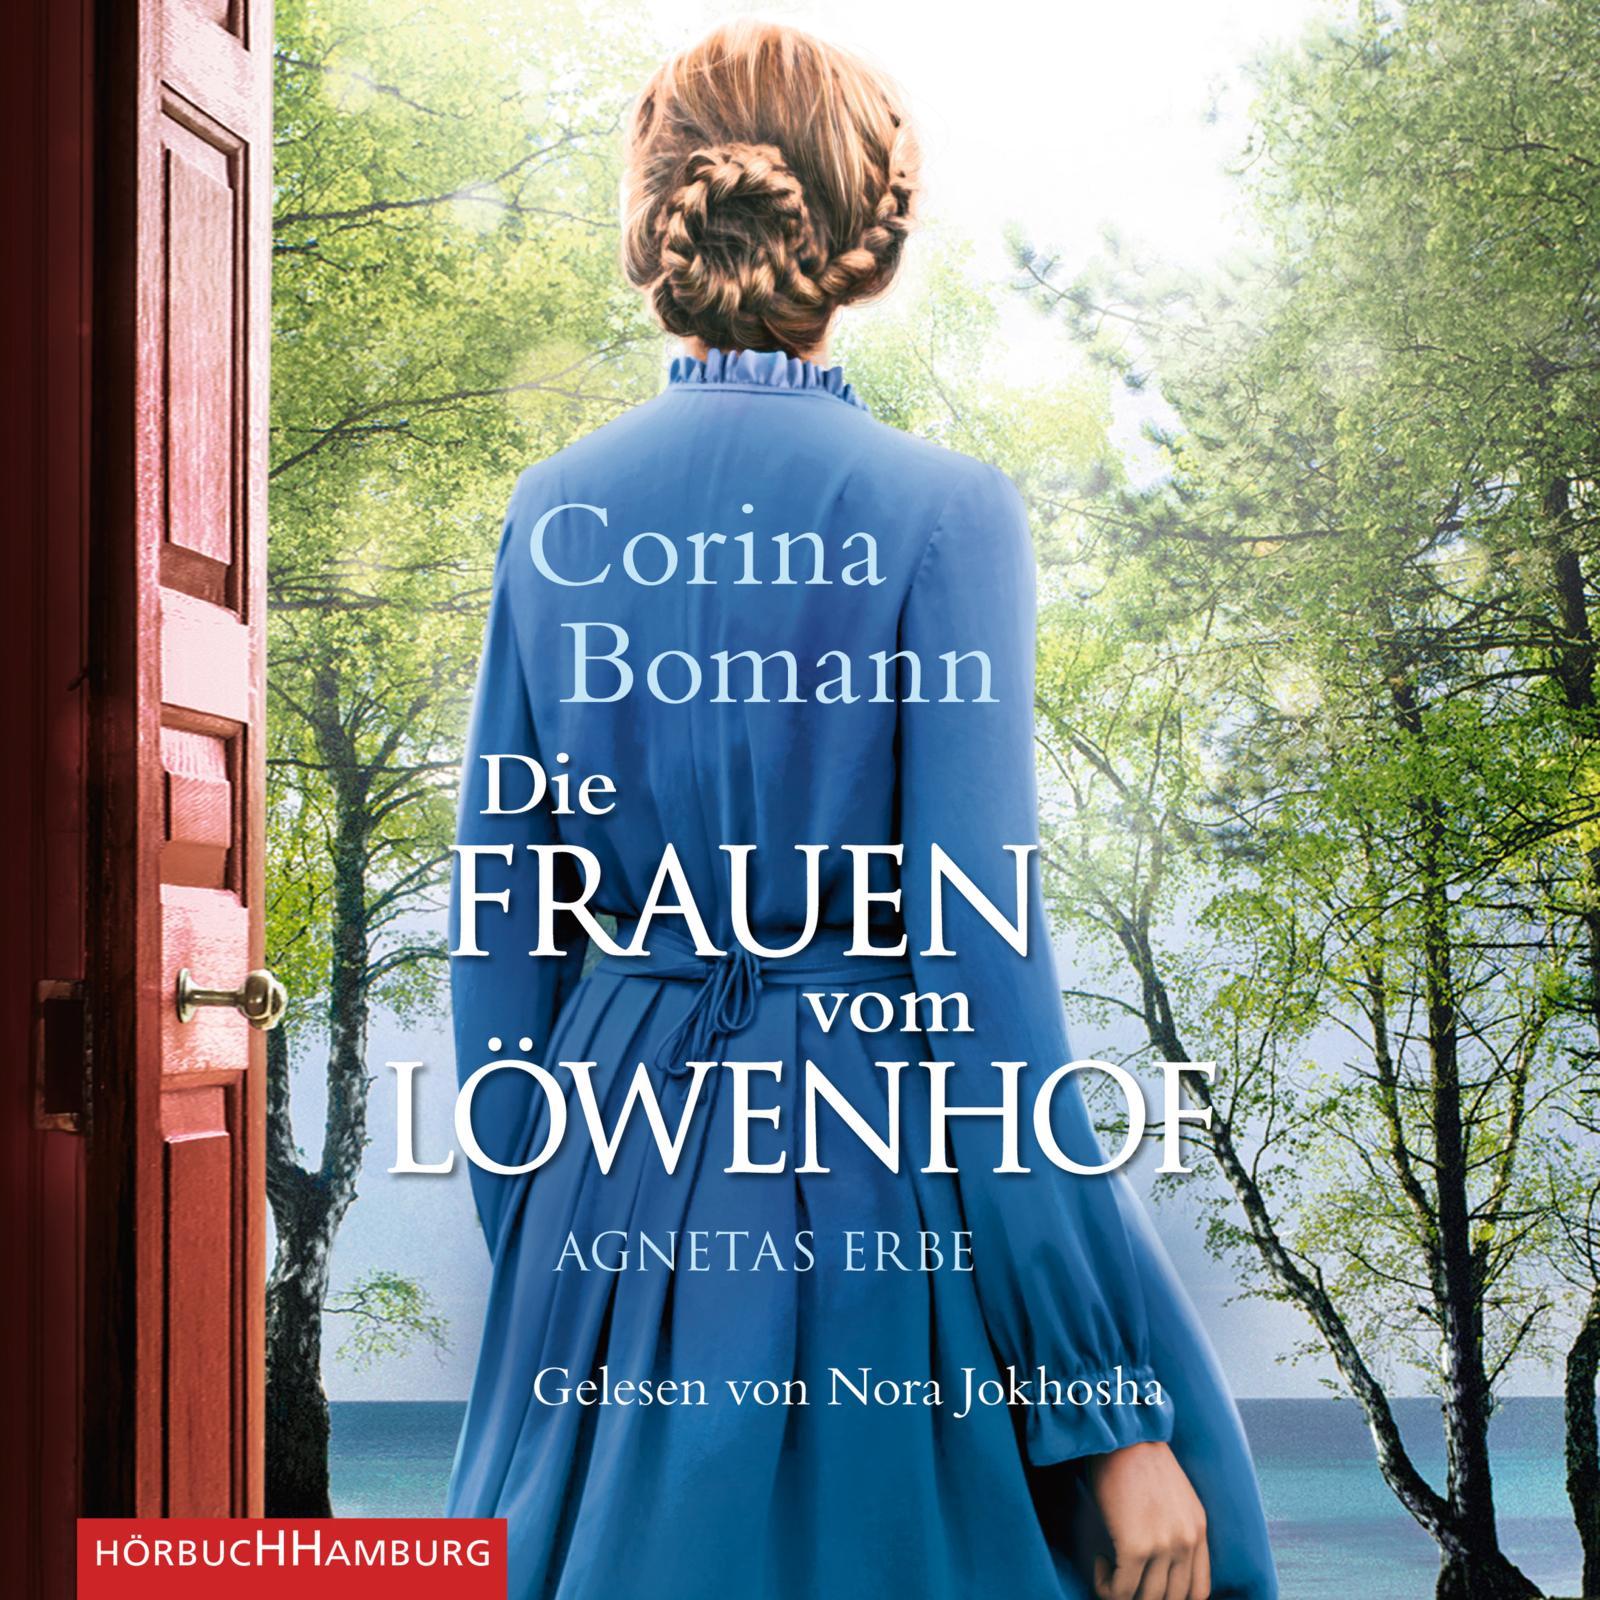 Cover für das Die Frauen vom Löwenhof - Agnetas Erbe Hörbuch